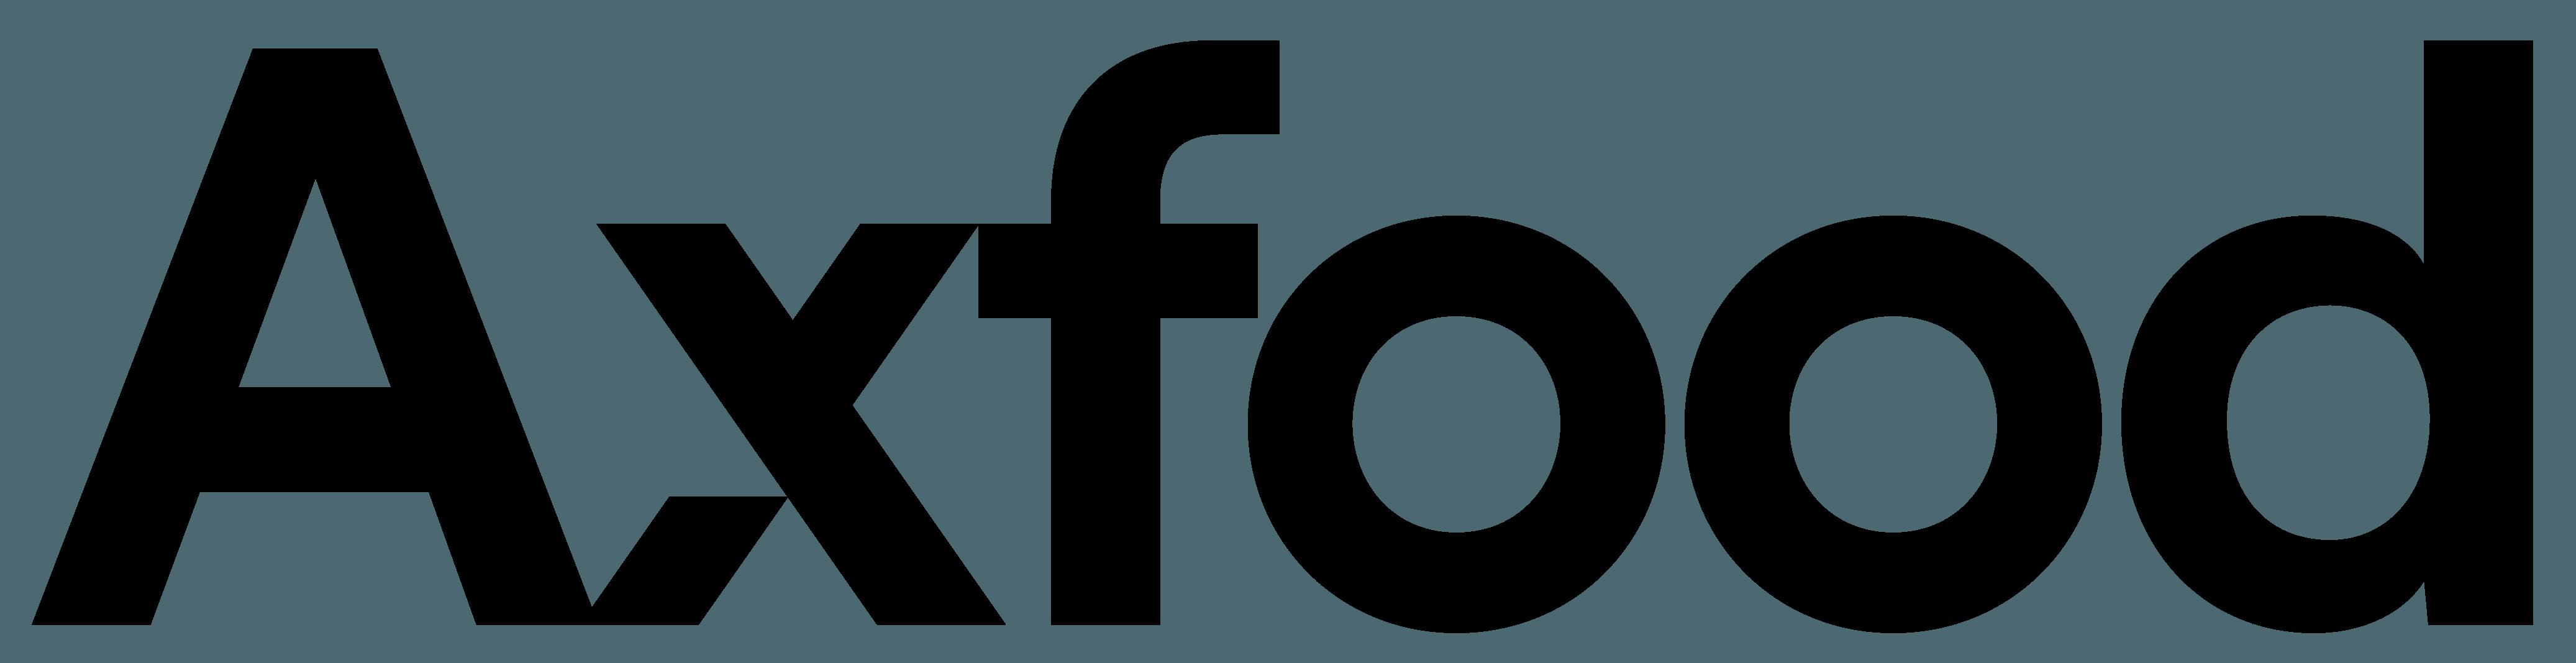 Axfood logga